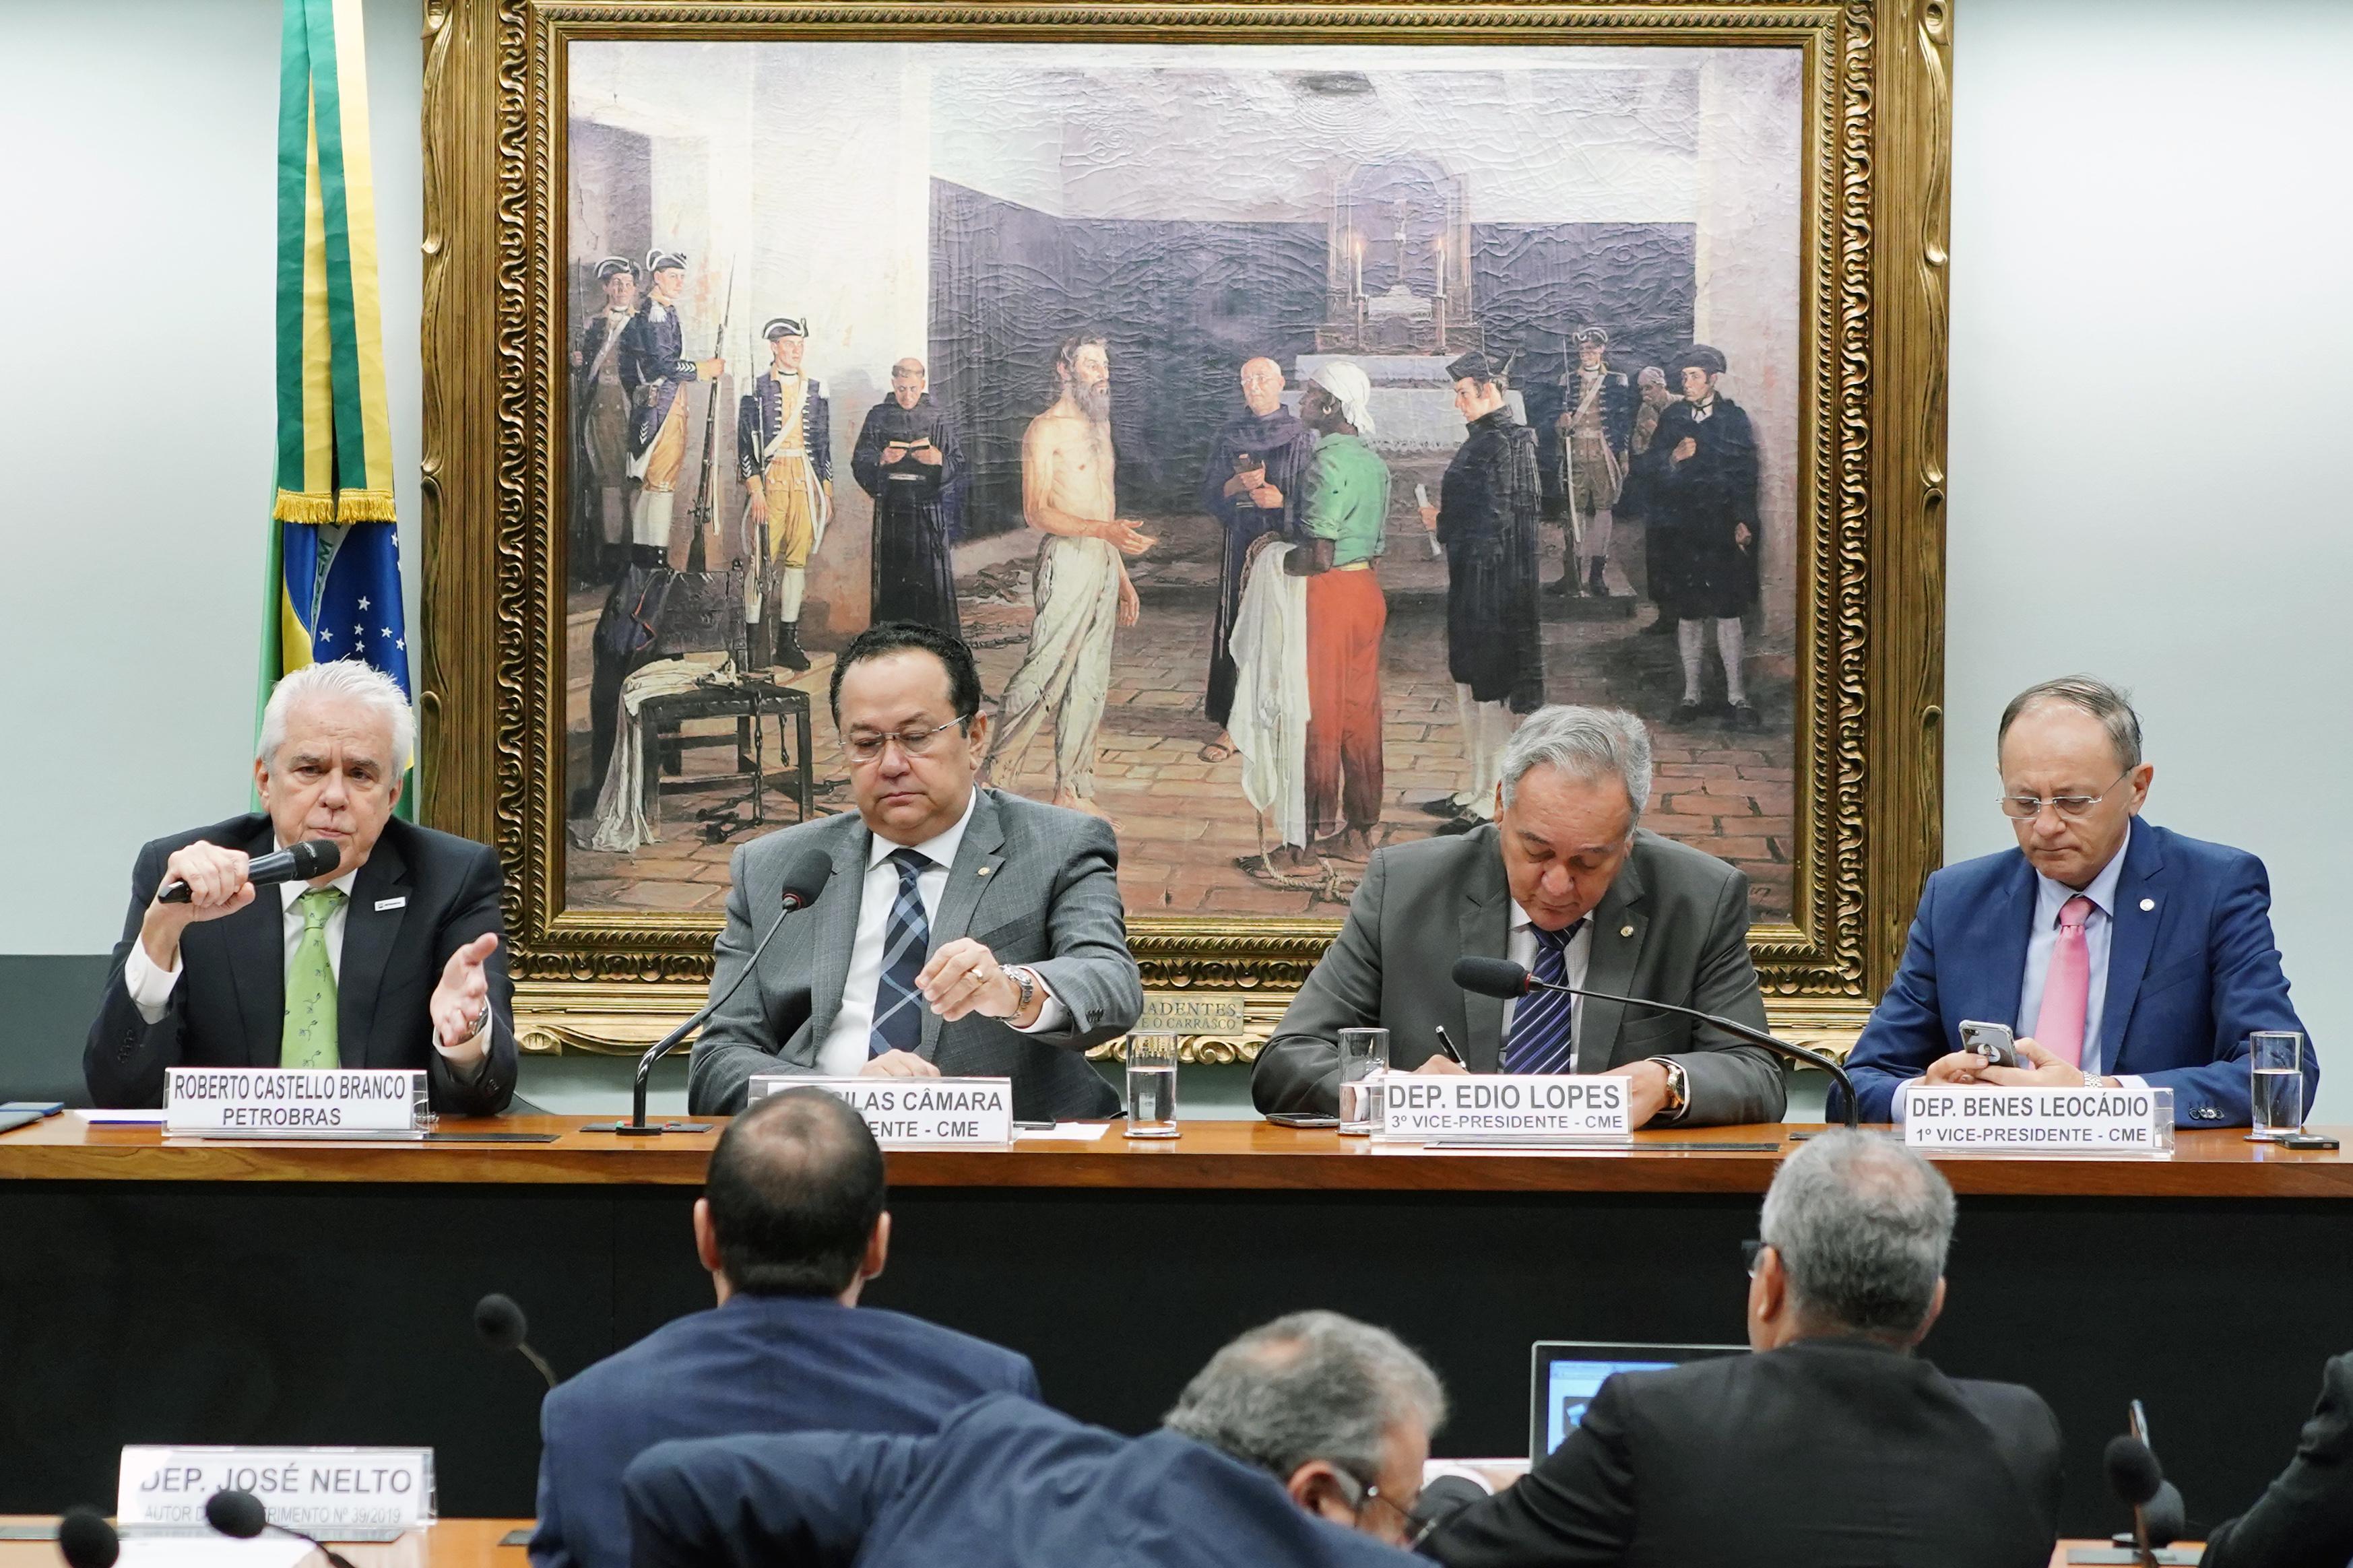 Audiência pública para explanação sobre as diversas áreas de atuação da Petrobras e outros temas relacionados à empresa